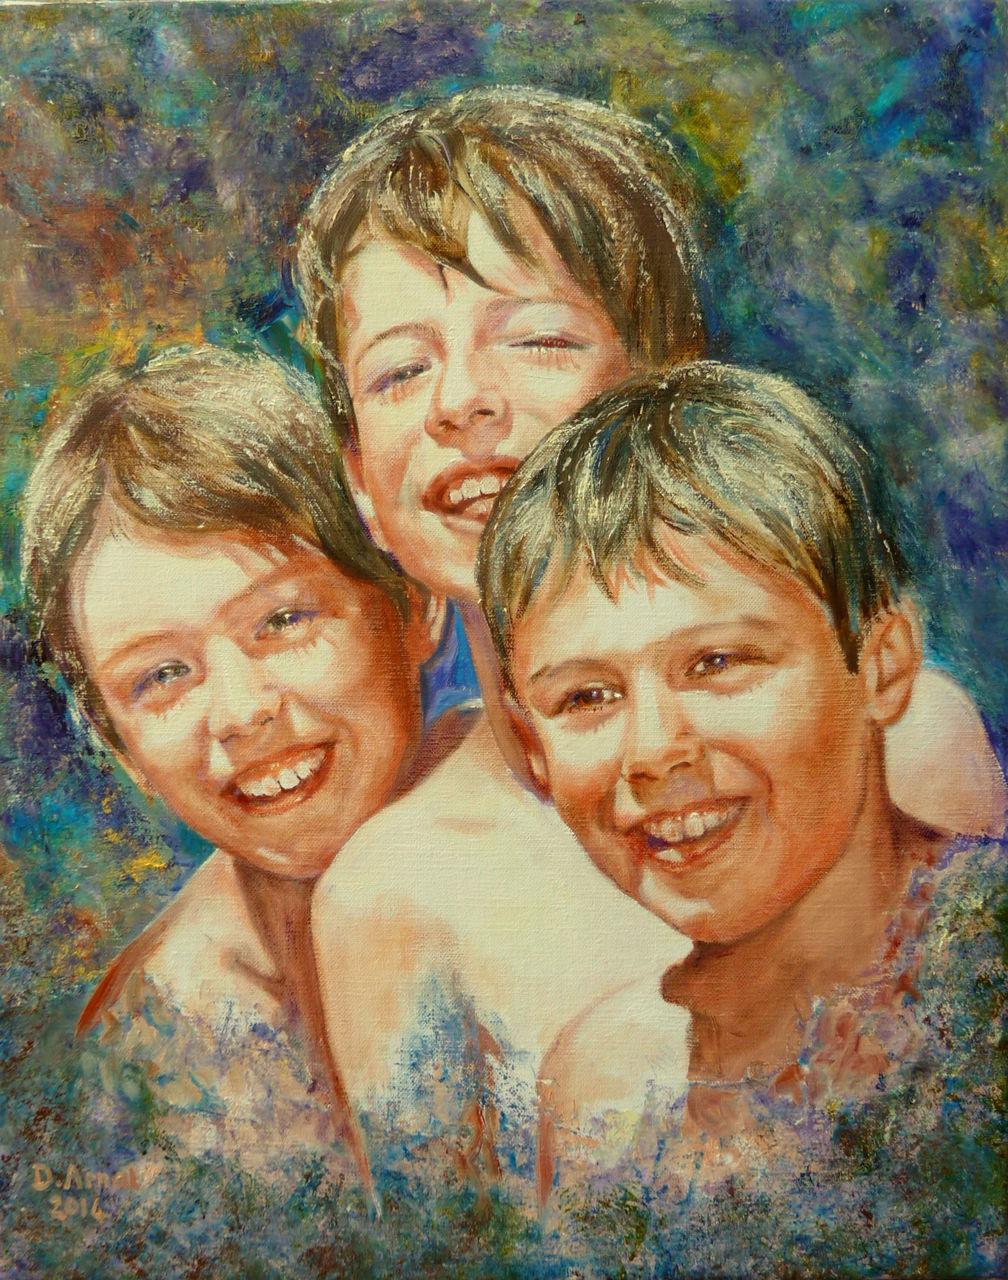 Danielle Arnal 3 frères au soleil